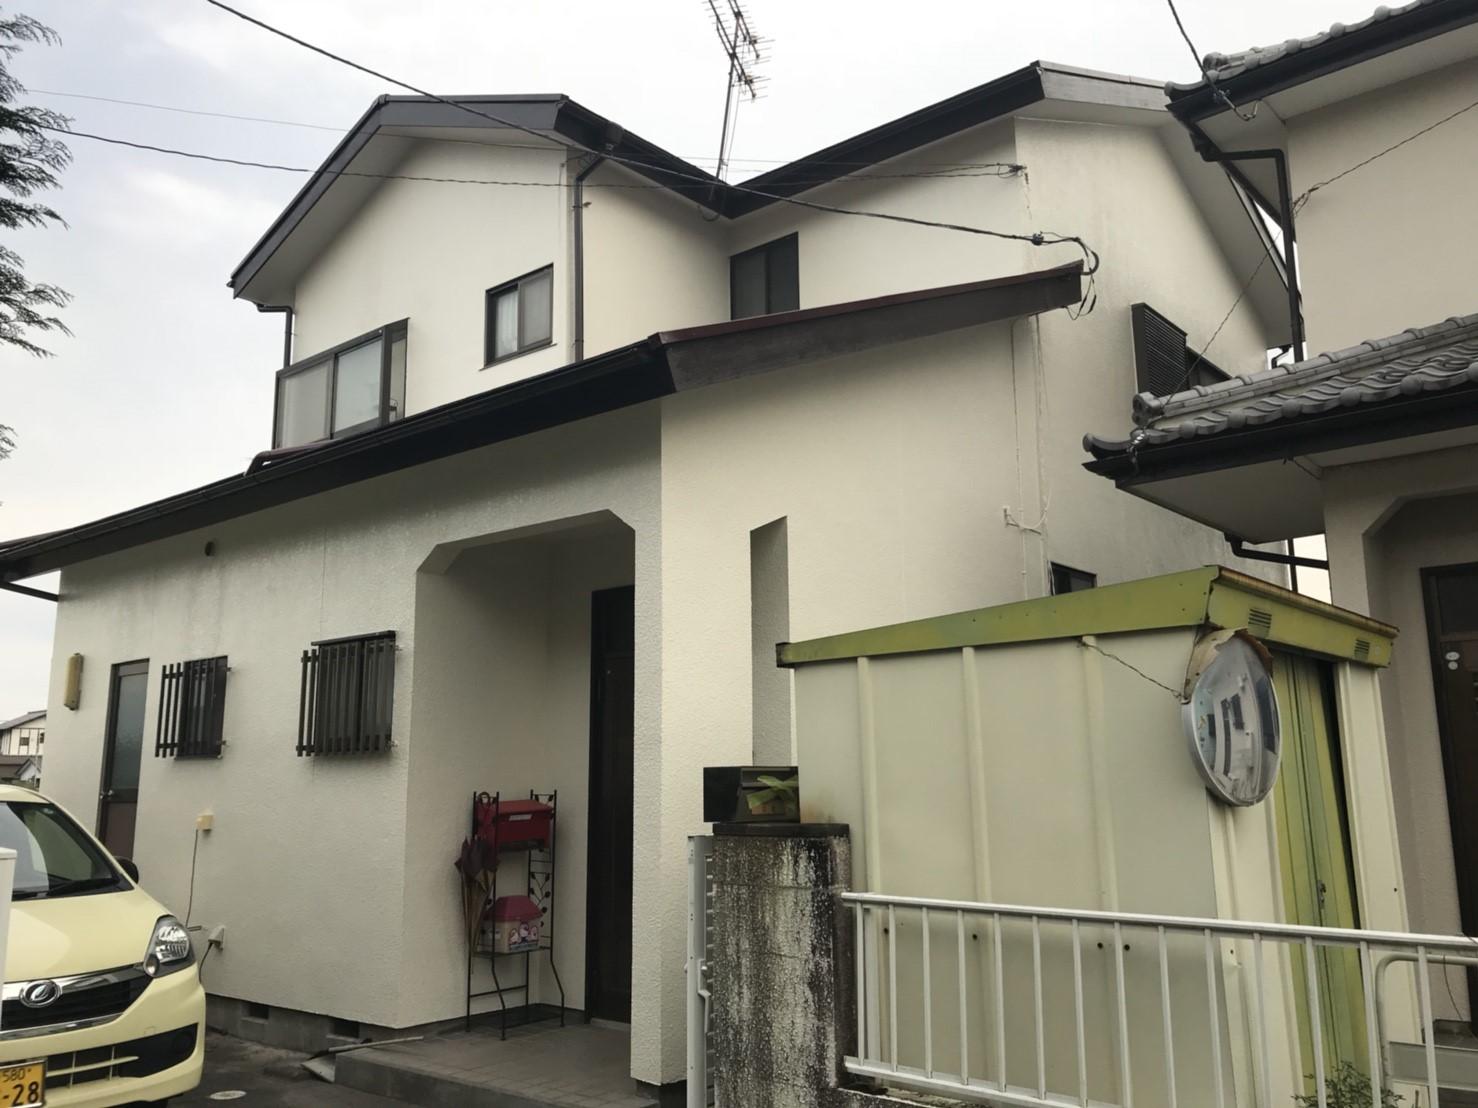 【after】一戸建て住宅の外壁塗装